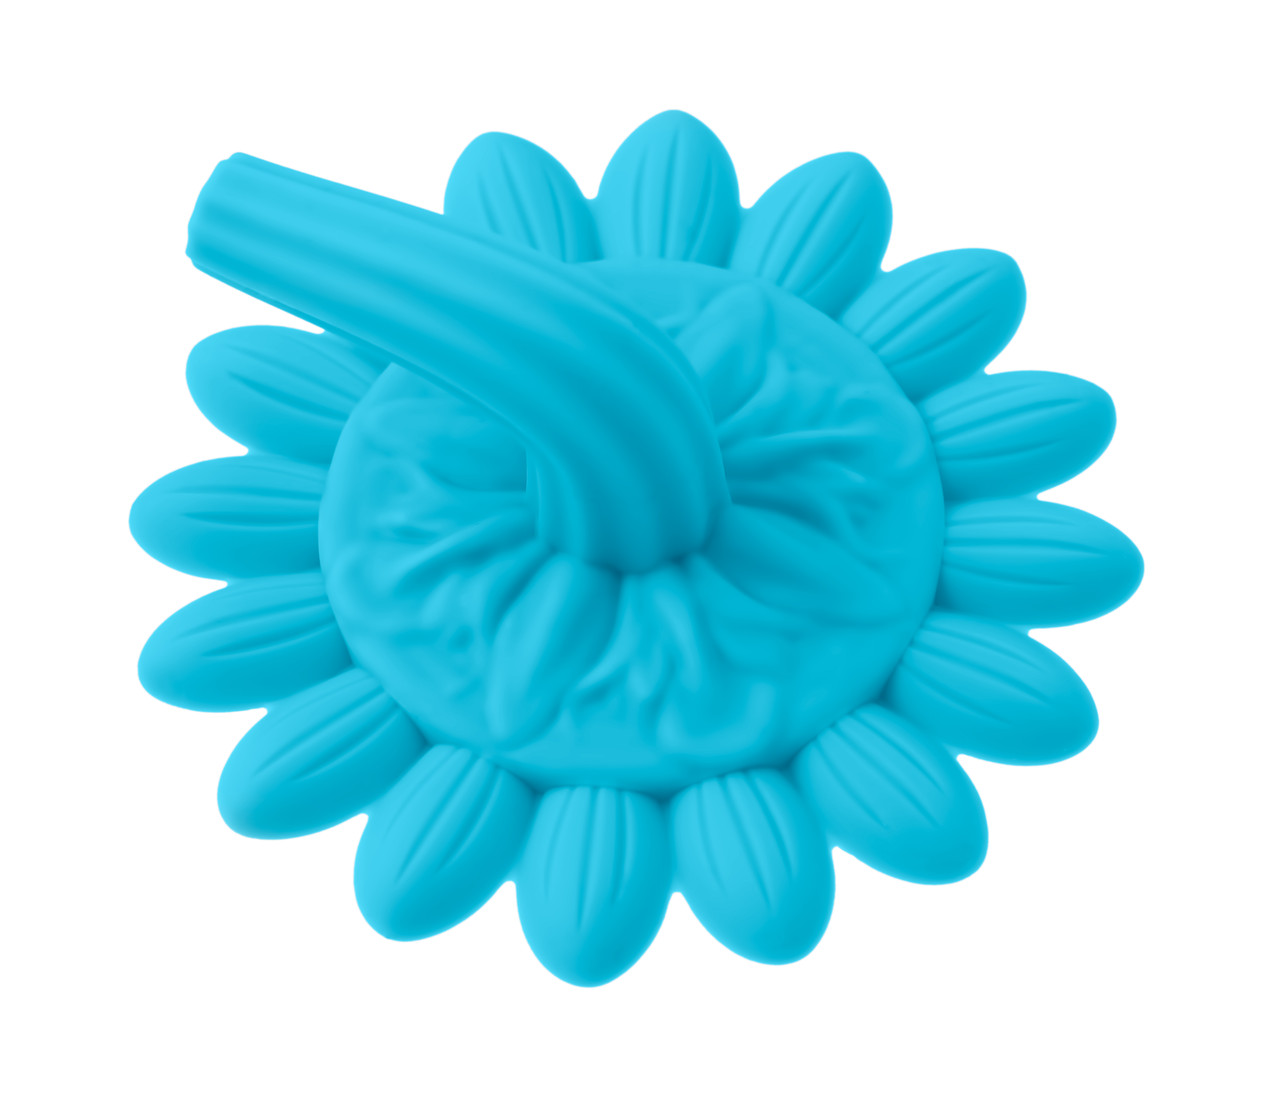 Губка для тела силиконовая (подсолнух). Цвет: голубой - фото 3